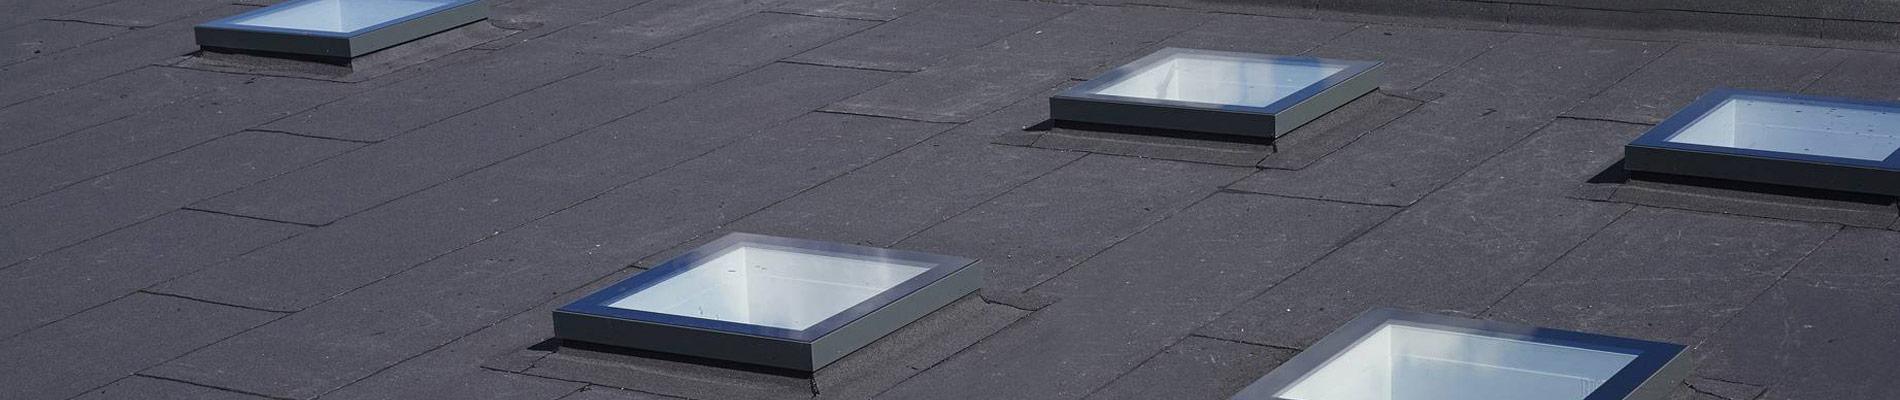 SkyVision FIXED - das festverglaste Design-Oberlicht